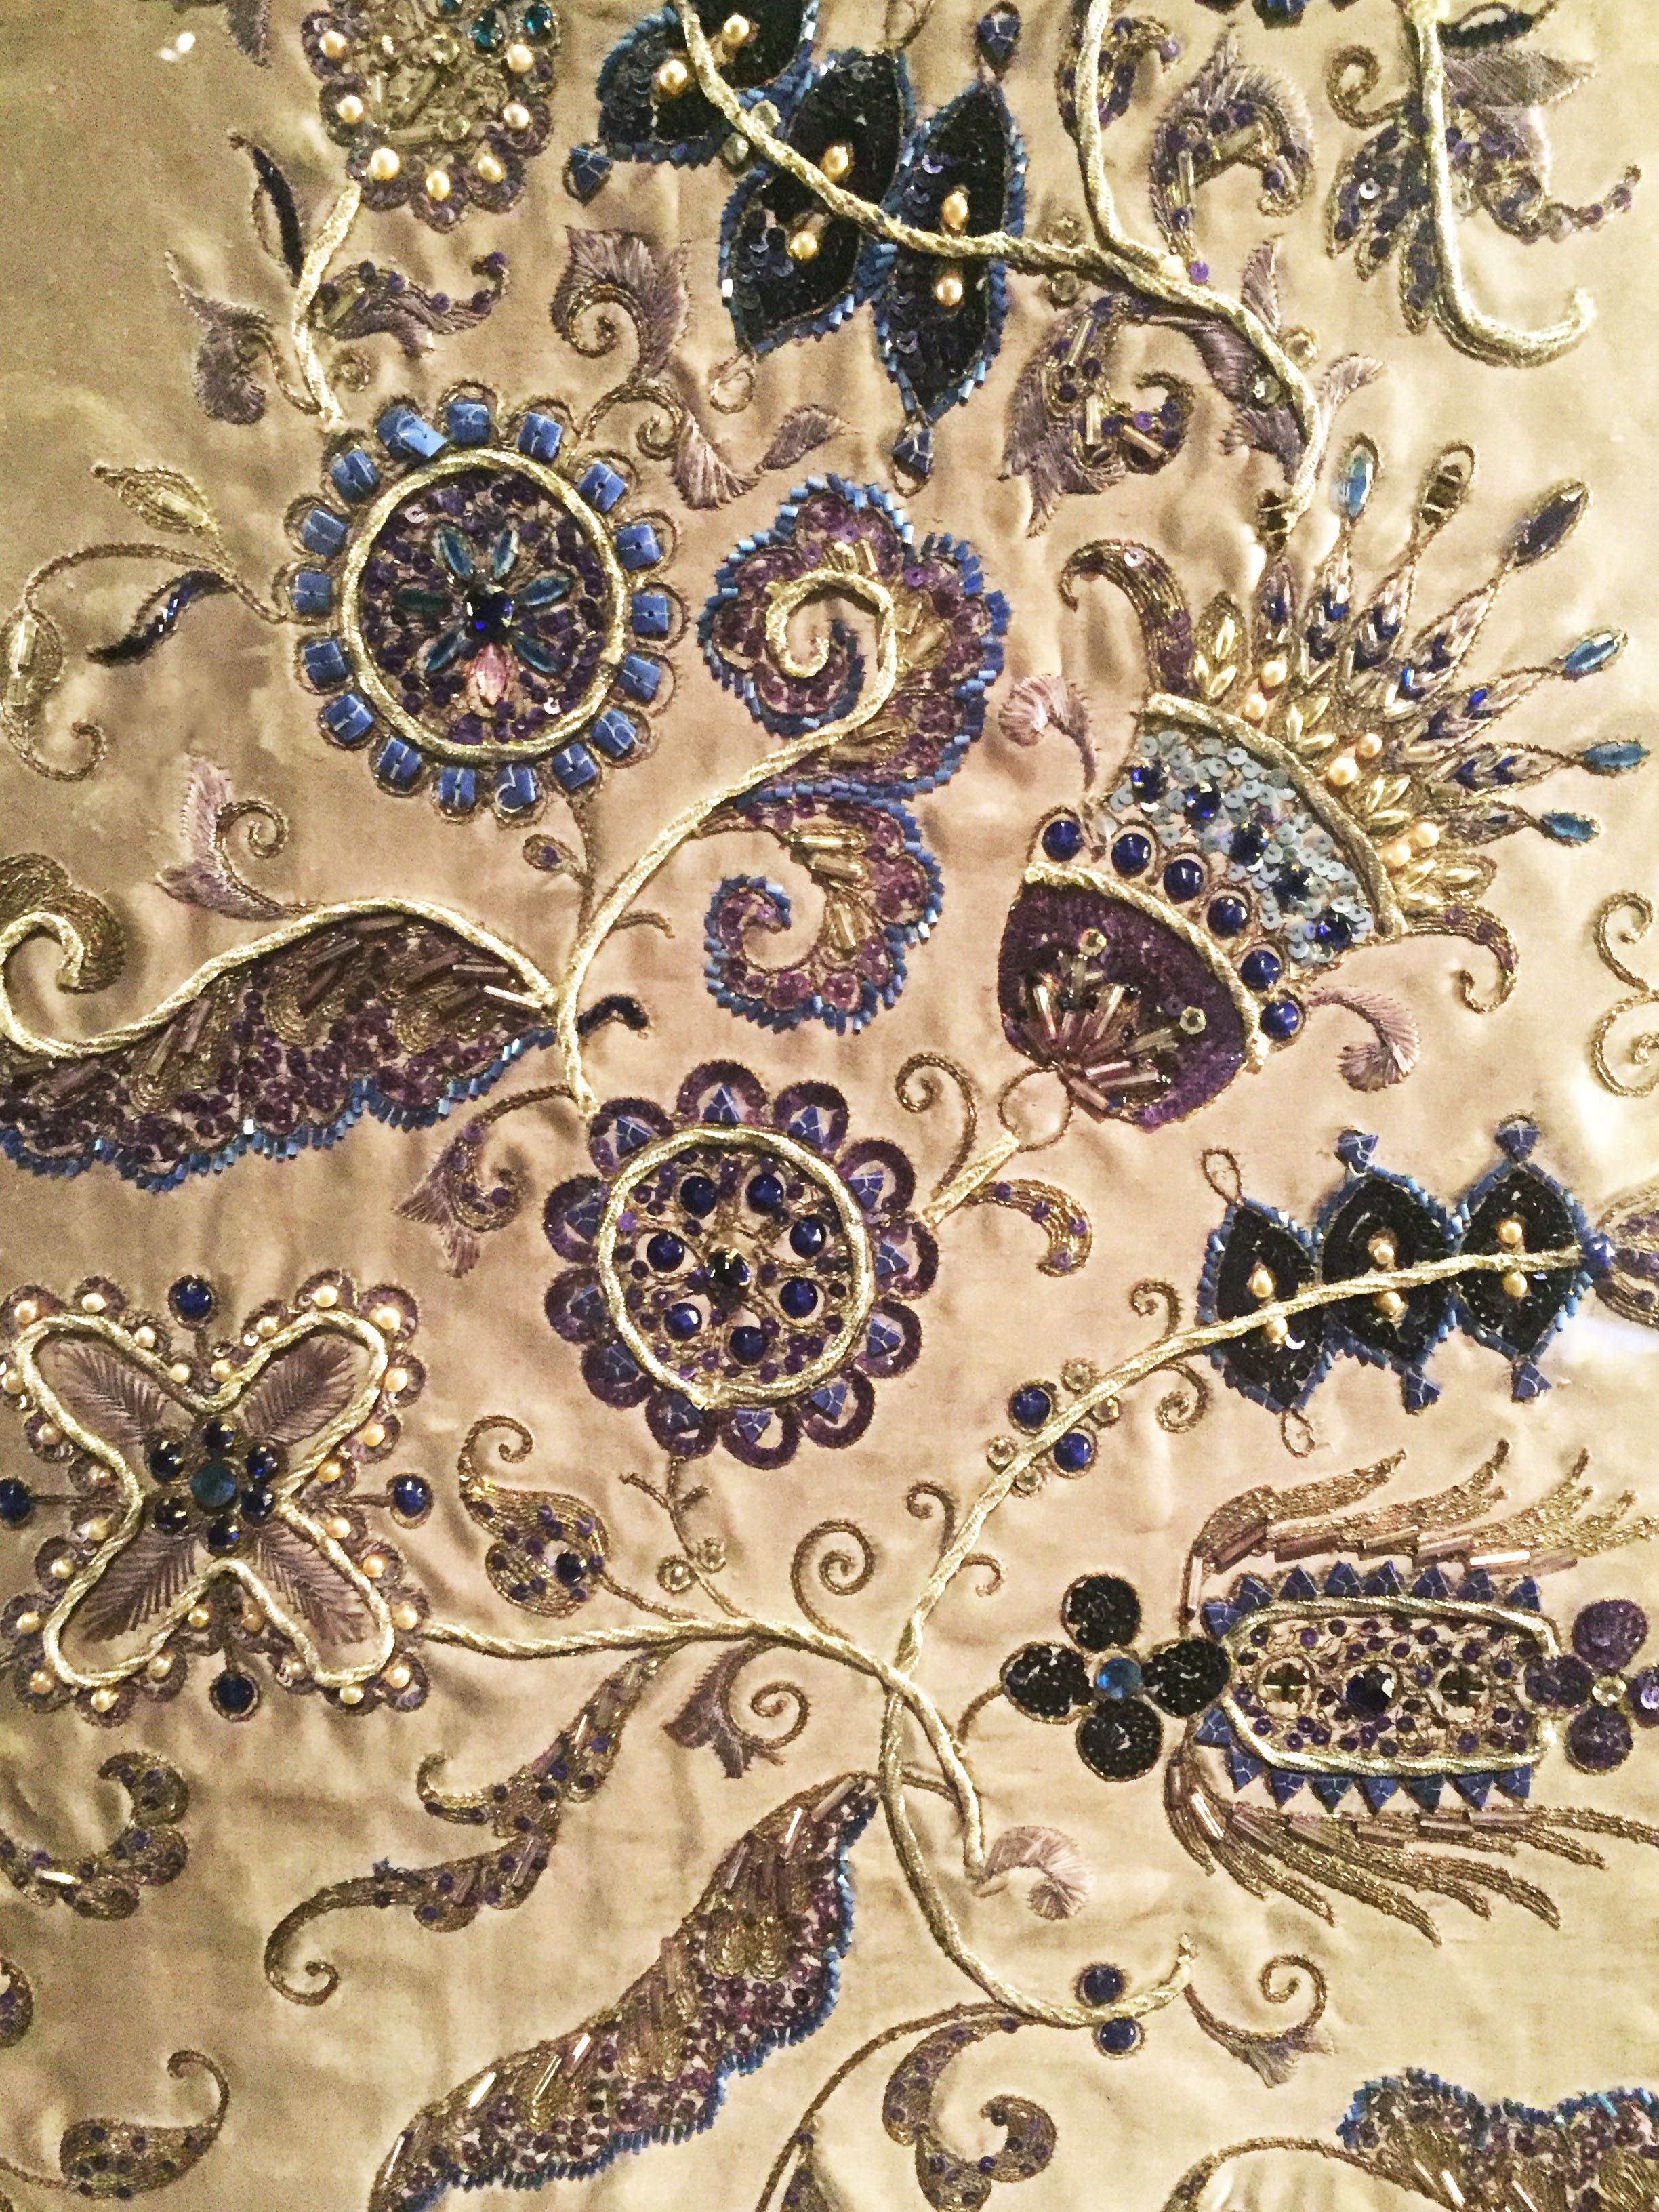 Dior Fabric Detail.jpg